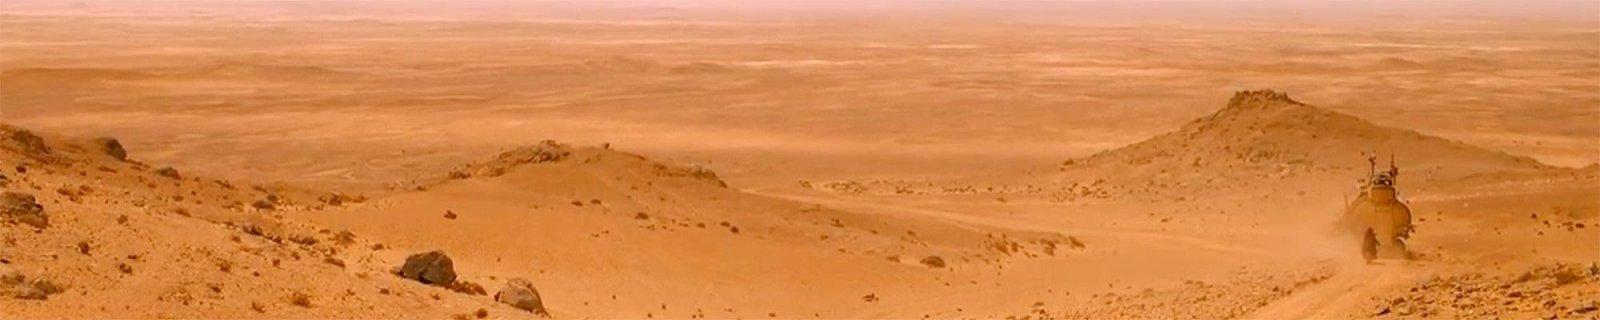 《疯狂麦克斯:狂暴之路》里的删除片段